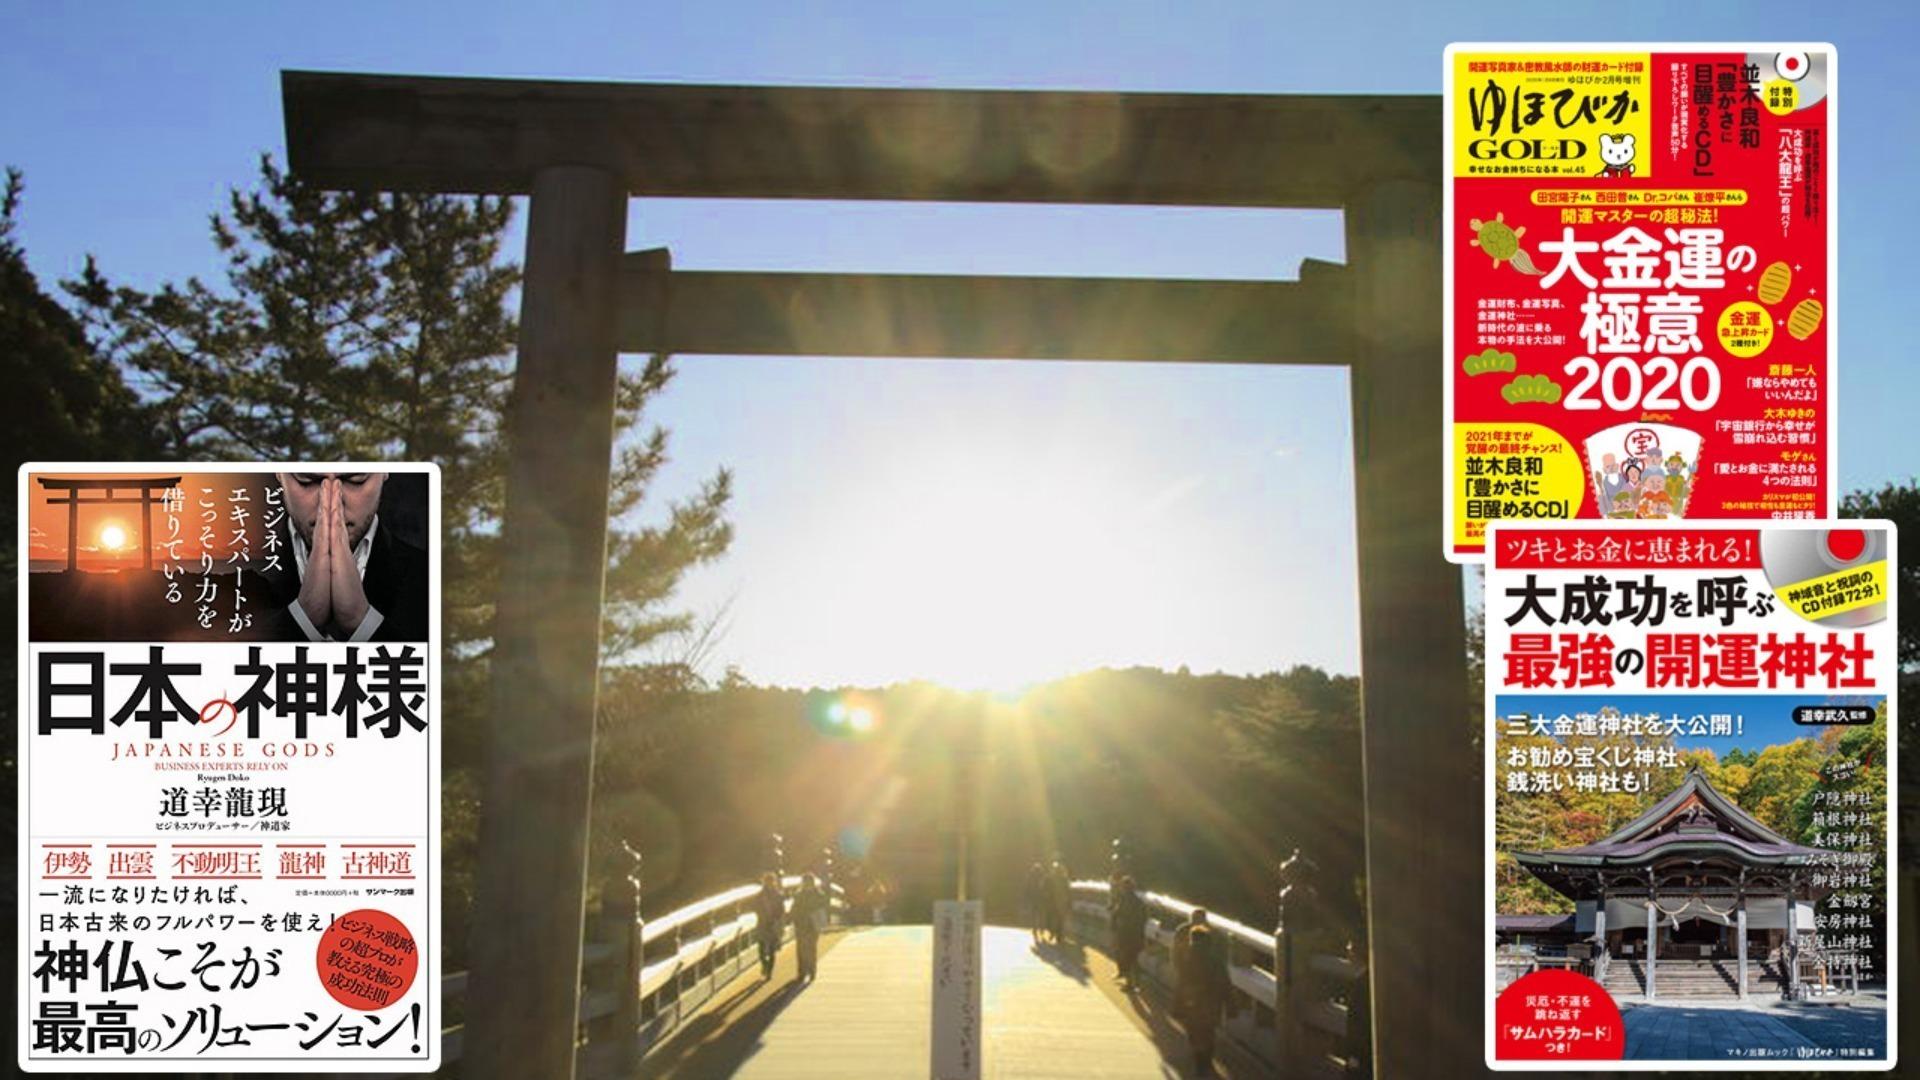 21.8.5【神道編】第41回 皇室の諸儀式、神話にみる三種の神器